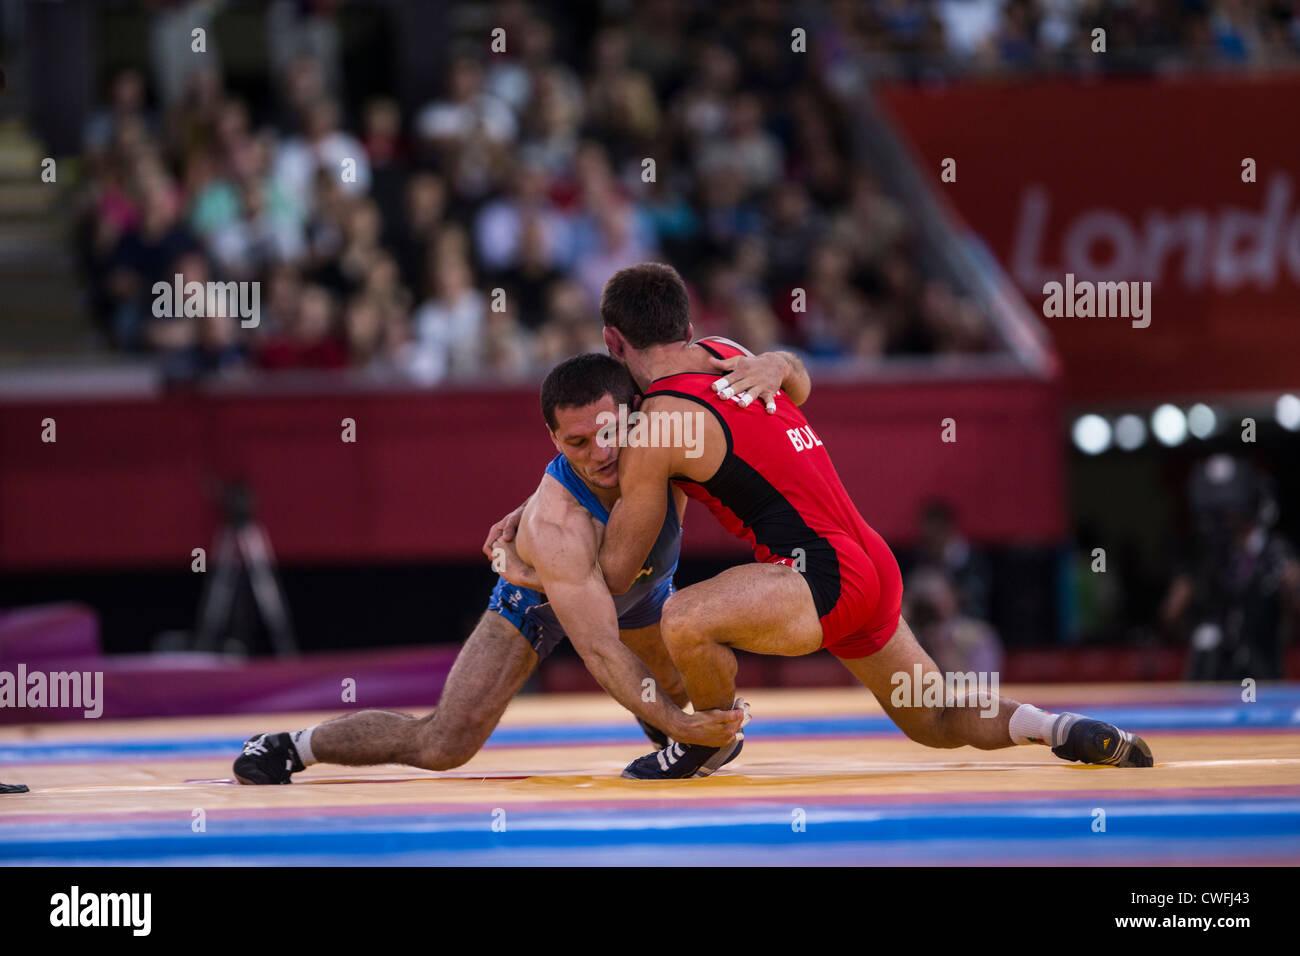 Men's 55kg Lutte libre à t'il des jeux d'été jeux olympiques, Londres 2012 Photo Stock